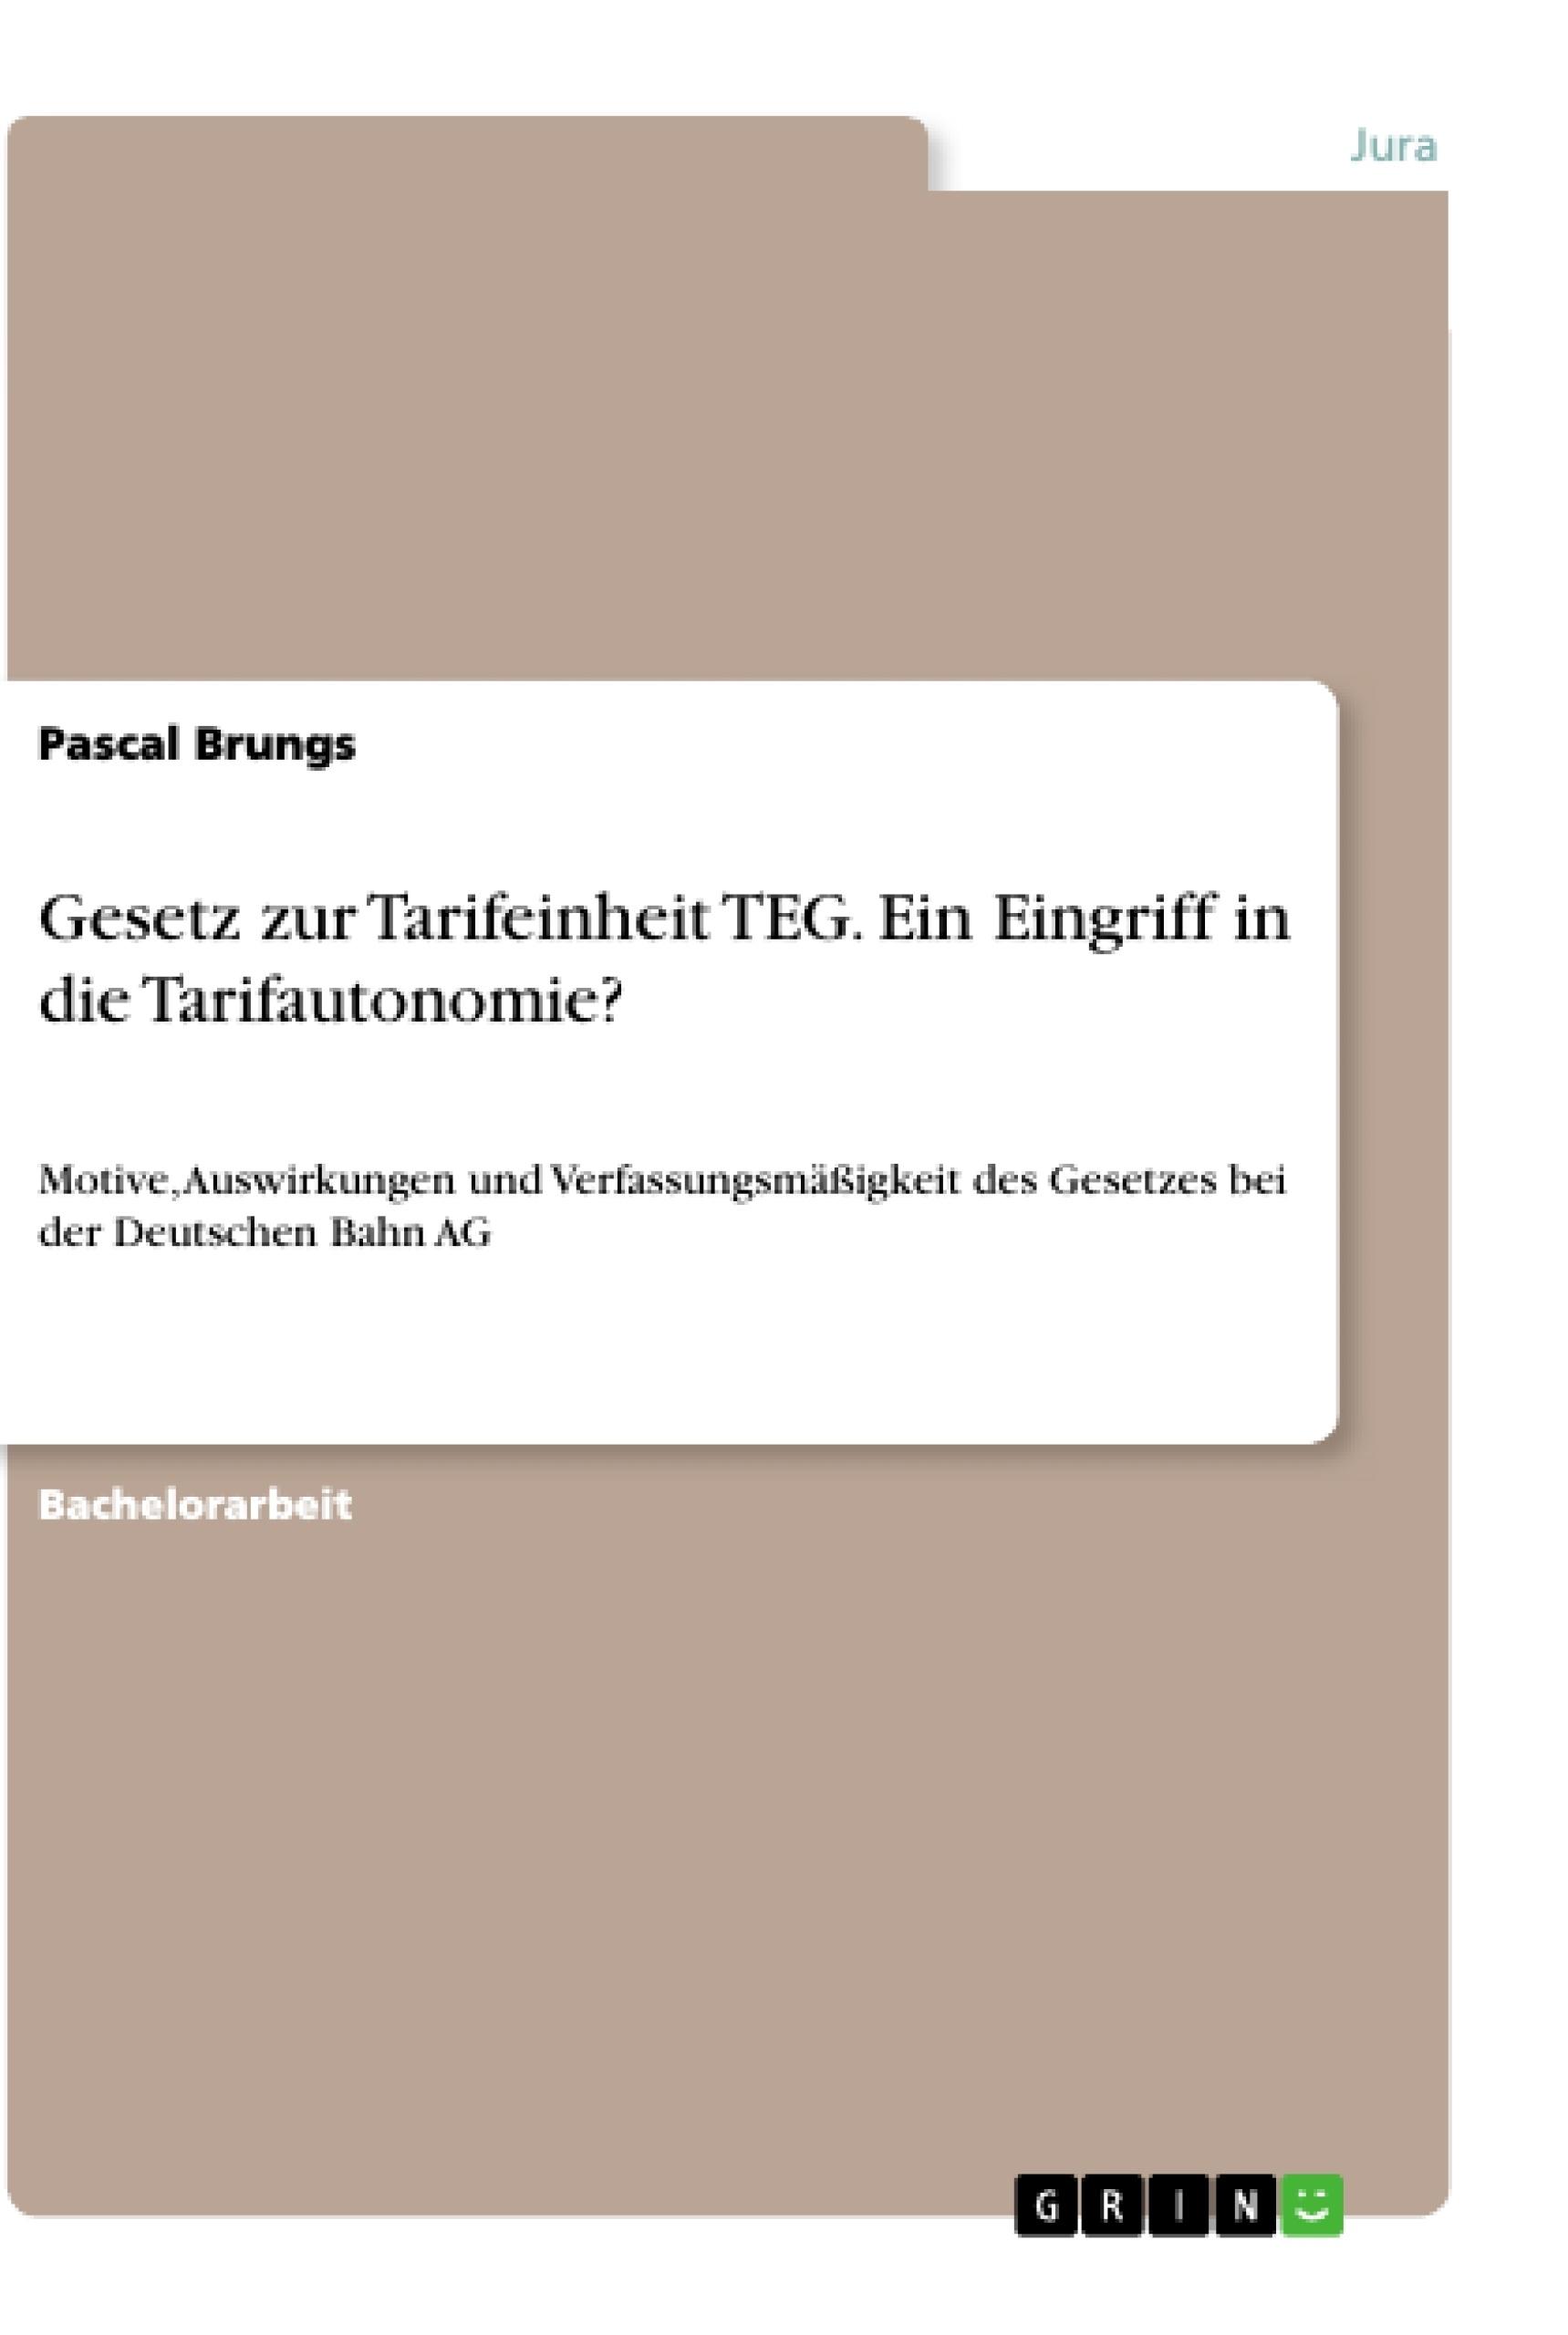 Titel: Gesetz zur Tarifeinheit TEG. Ein Eingriff in die Tarifautonomie?